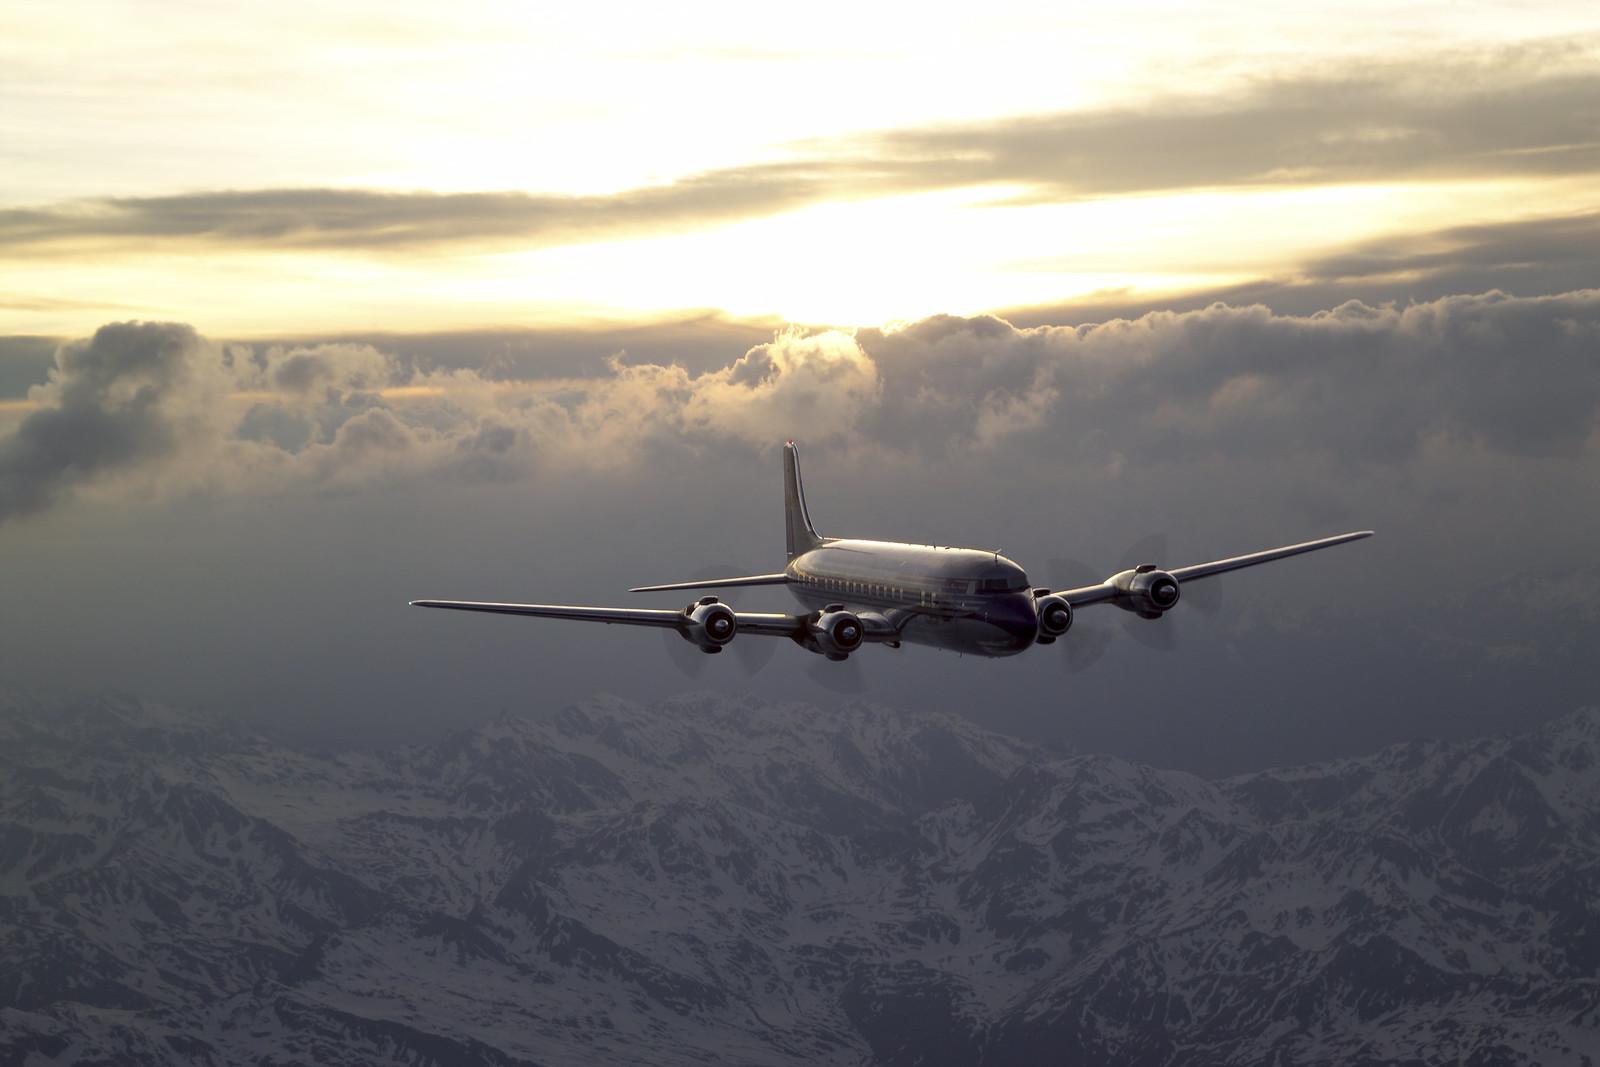 Pénteken kezdődik a repülőnapok, erre lehet számítani